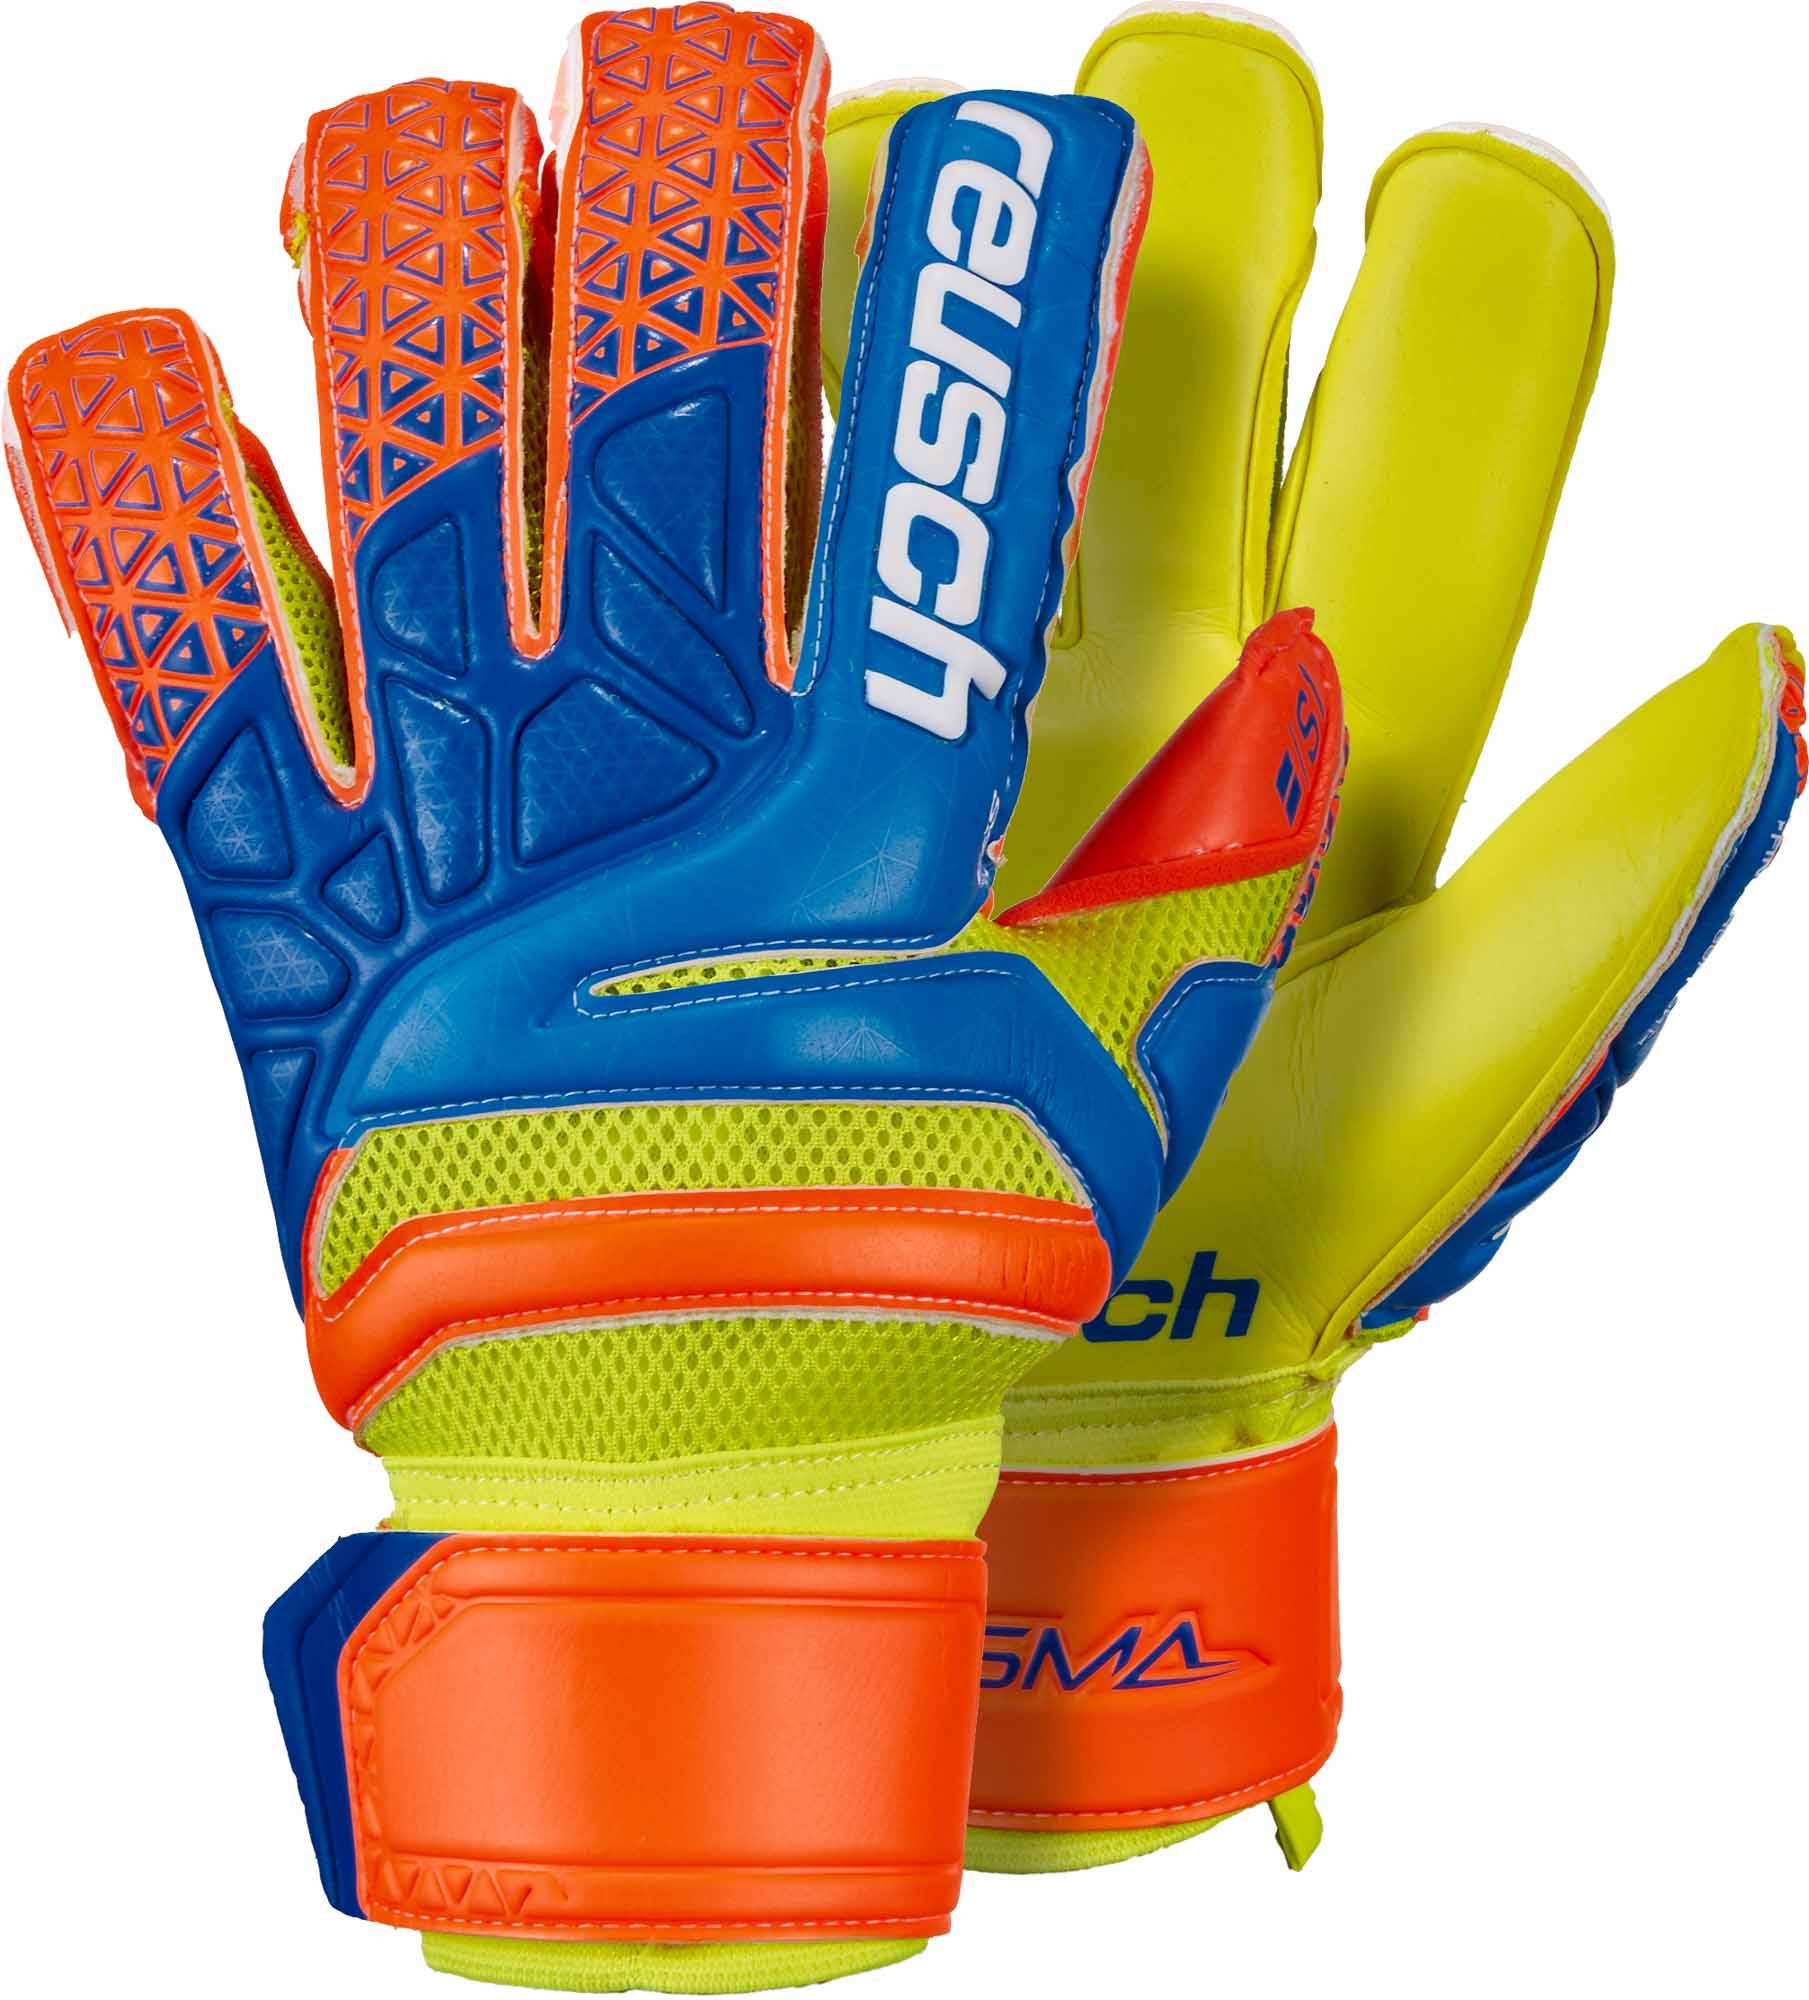 ec8c239c0d5 Reusch Prisma Prime S1 Evolution Finger Support - Goalkeeper Gloves ...